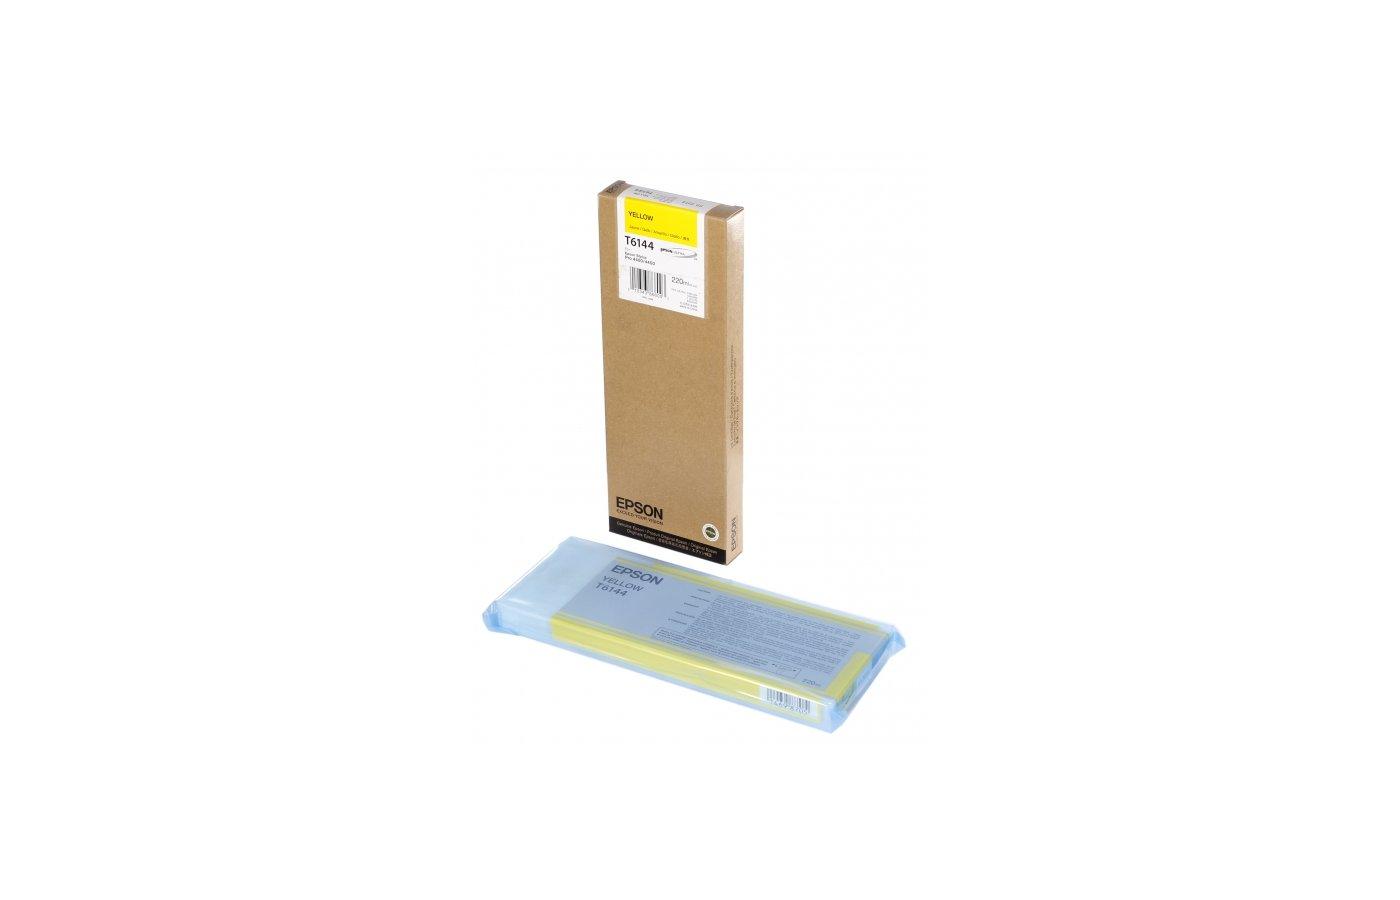 Картридж струйный Epson C13T614400 matt yellow для SP4450 (220ml)